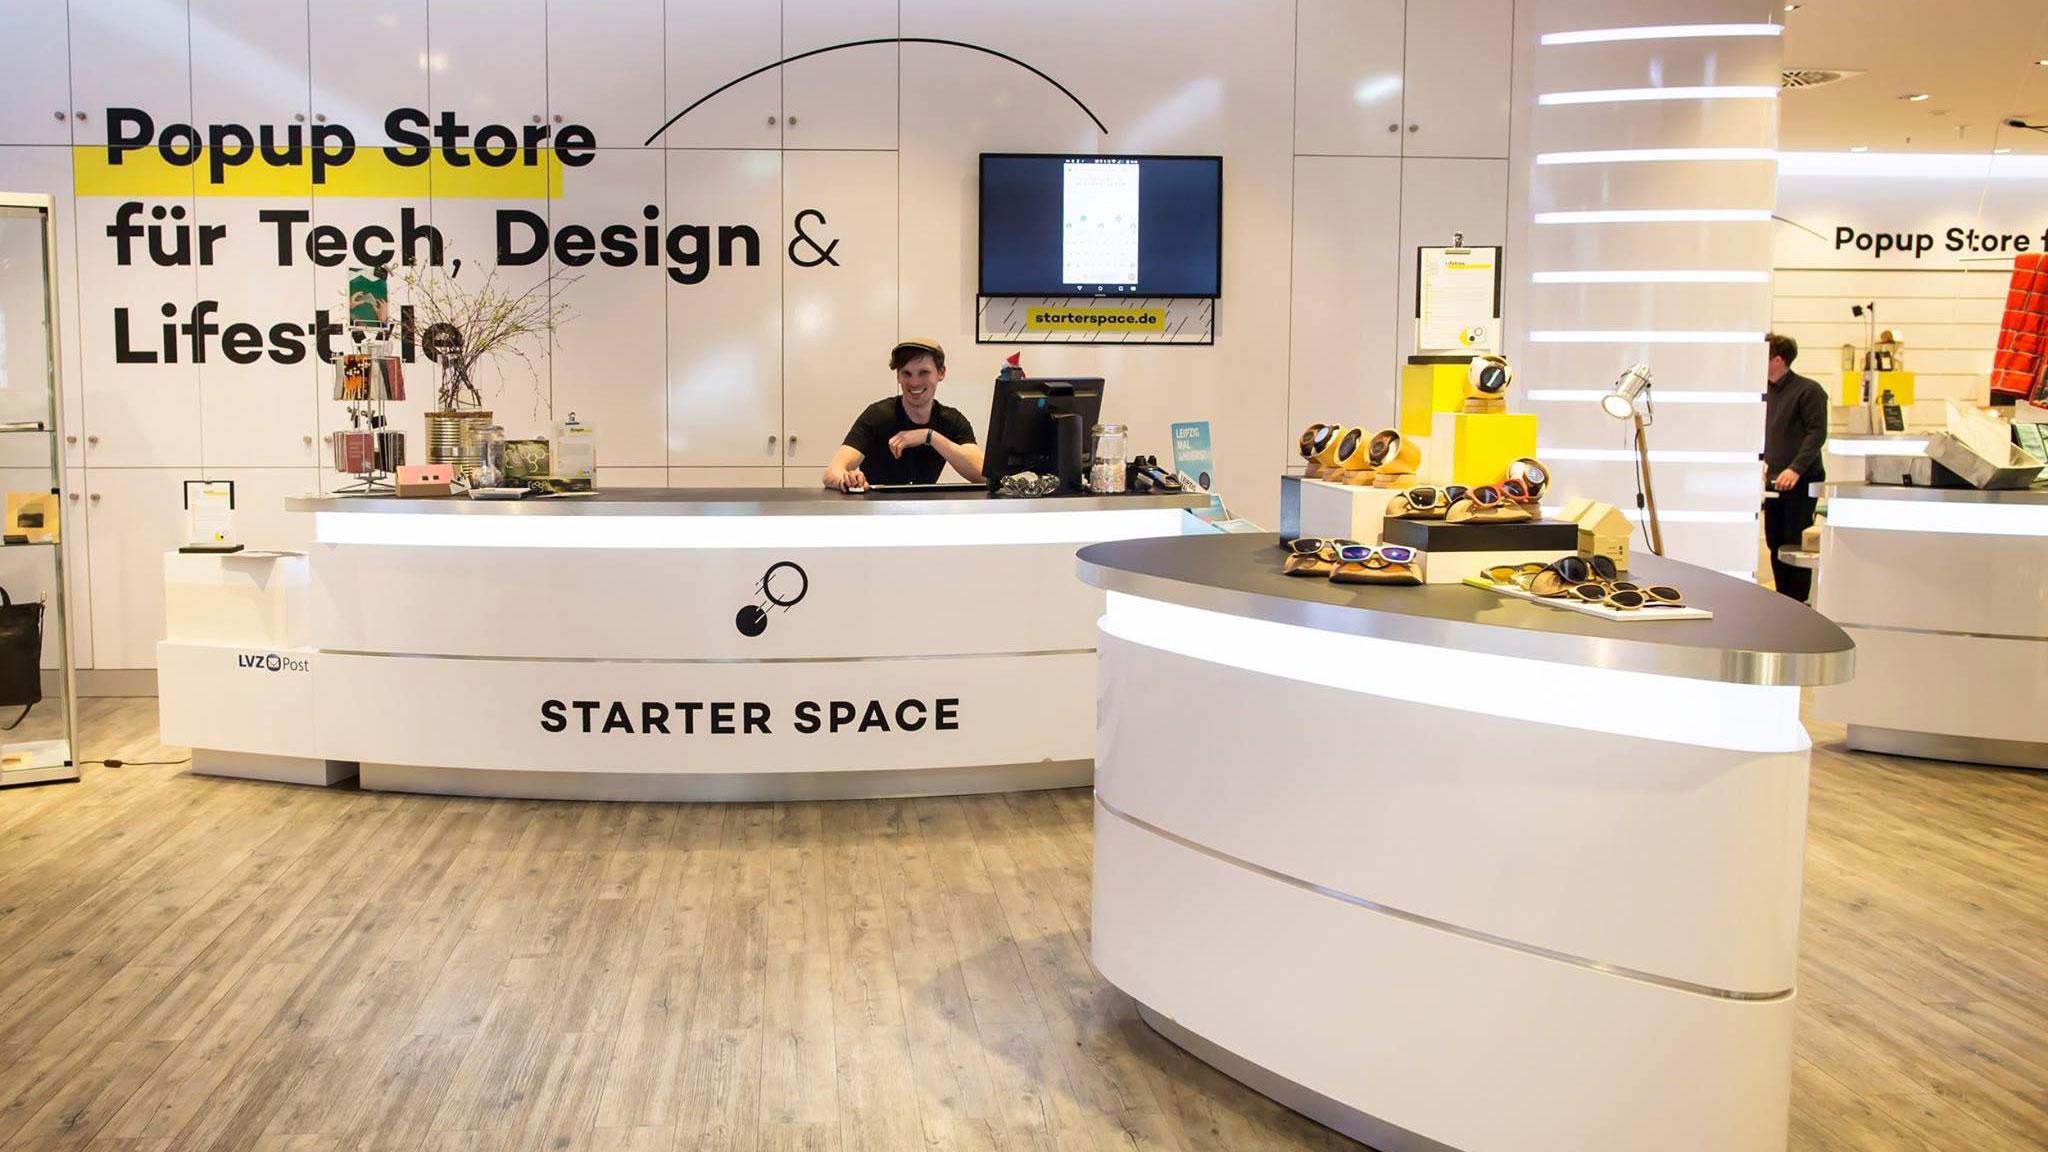 Innenaufnahme des Ladengeschäfts des Starter Space